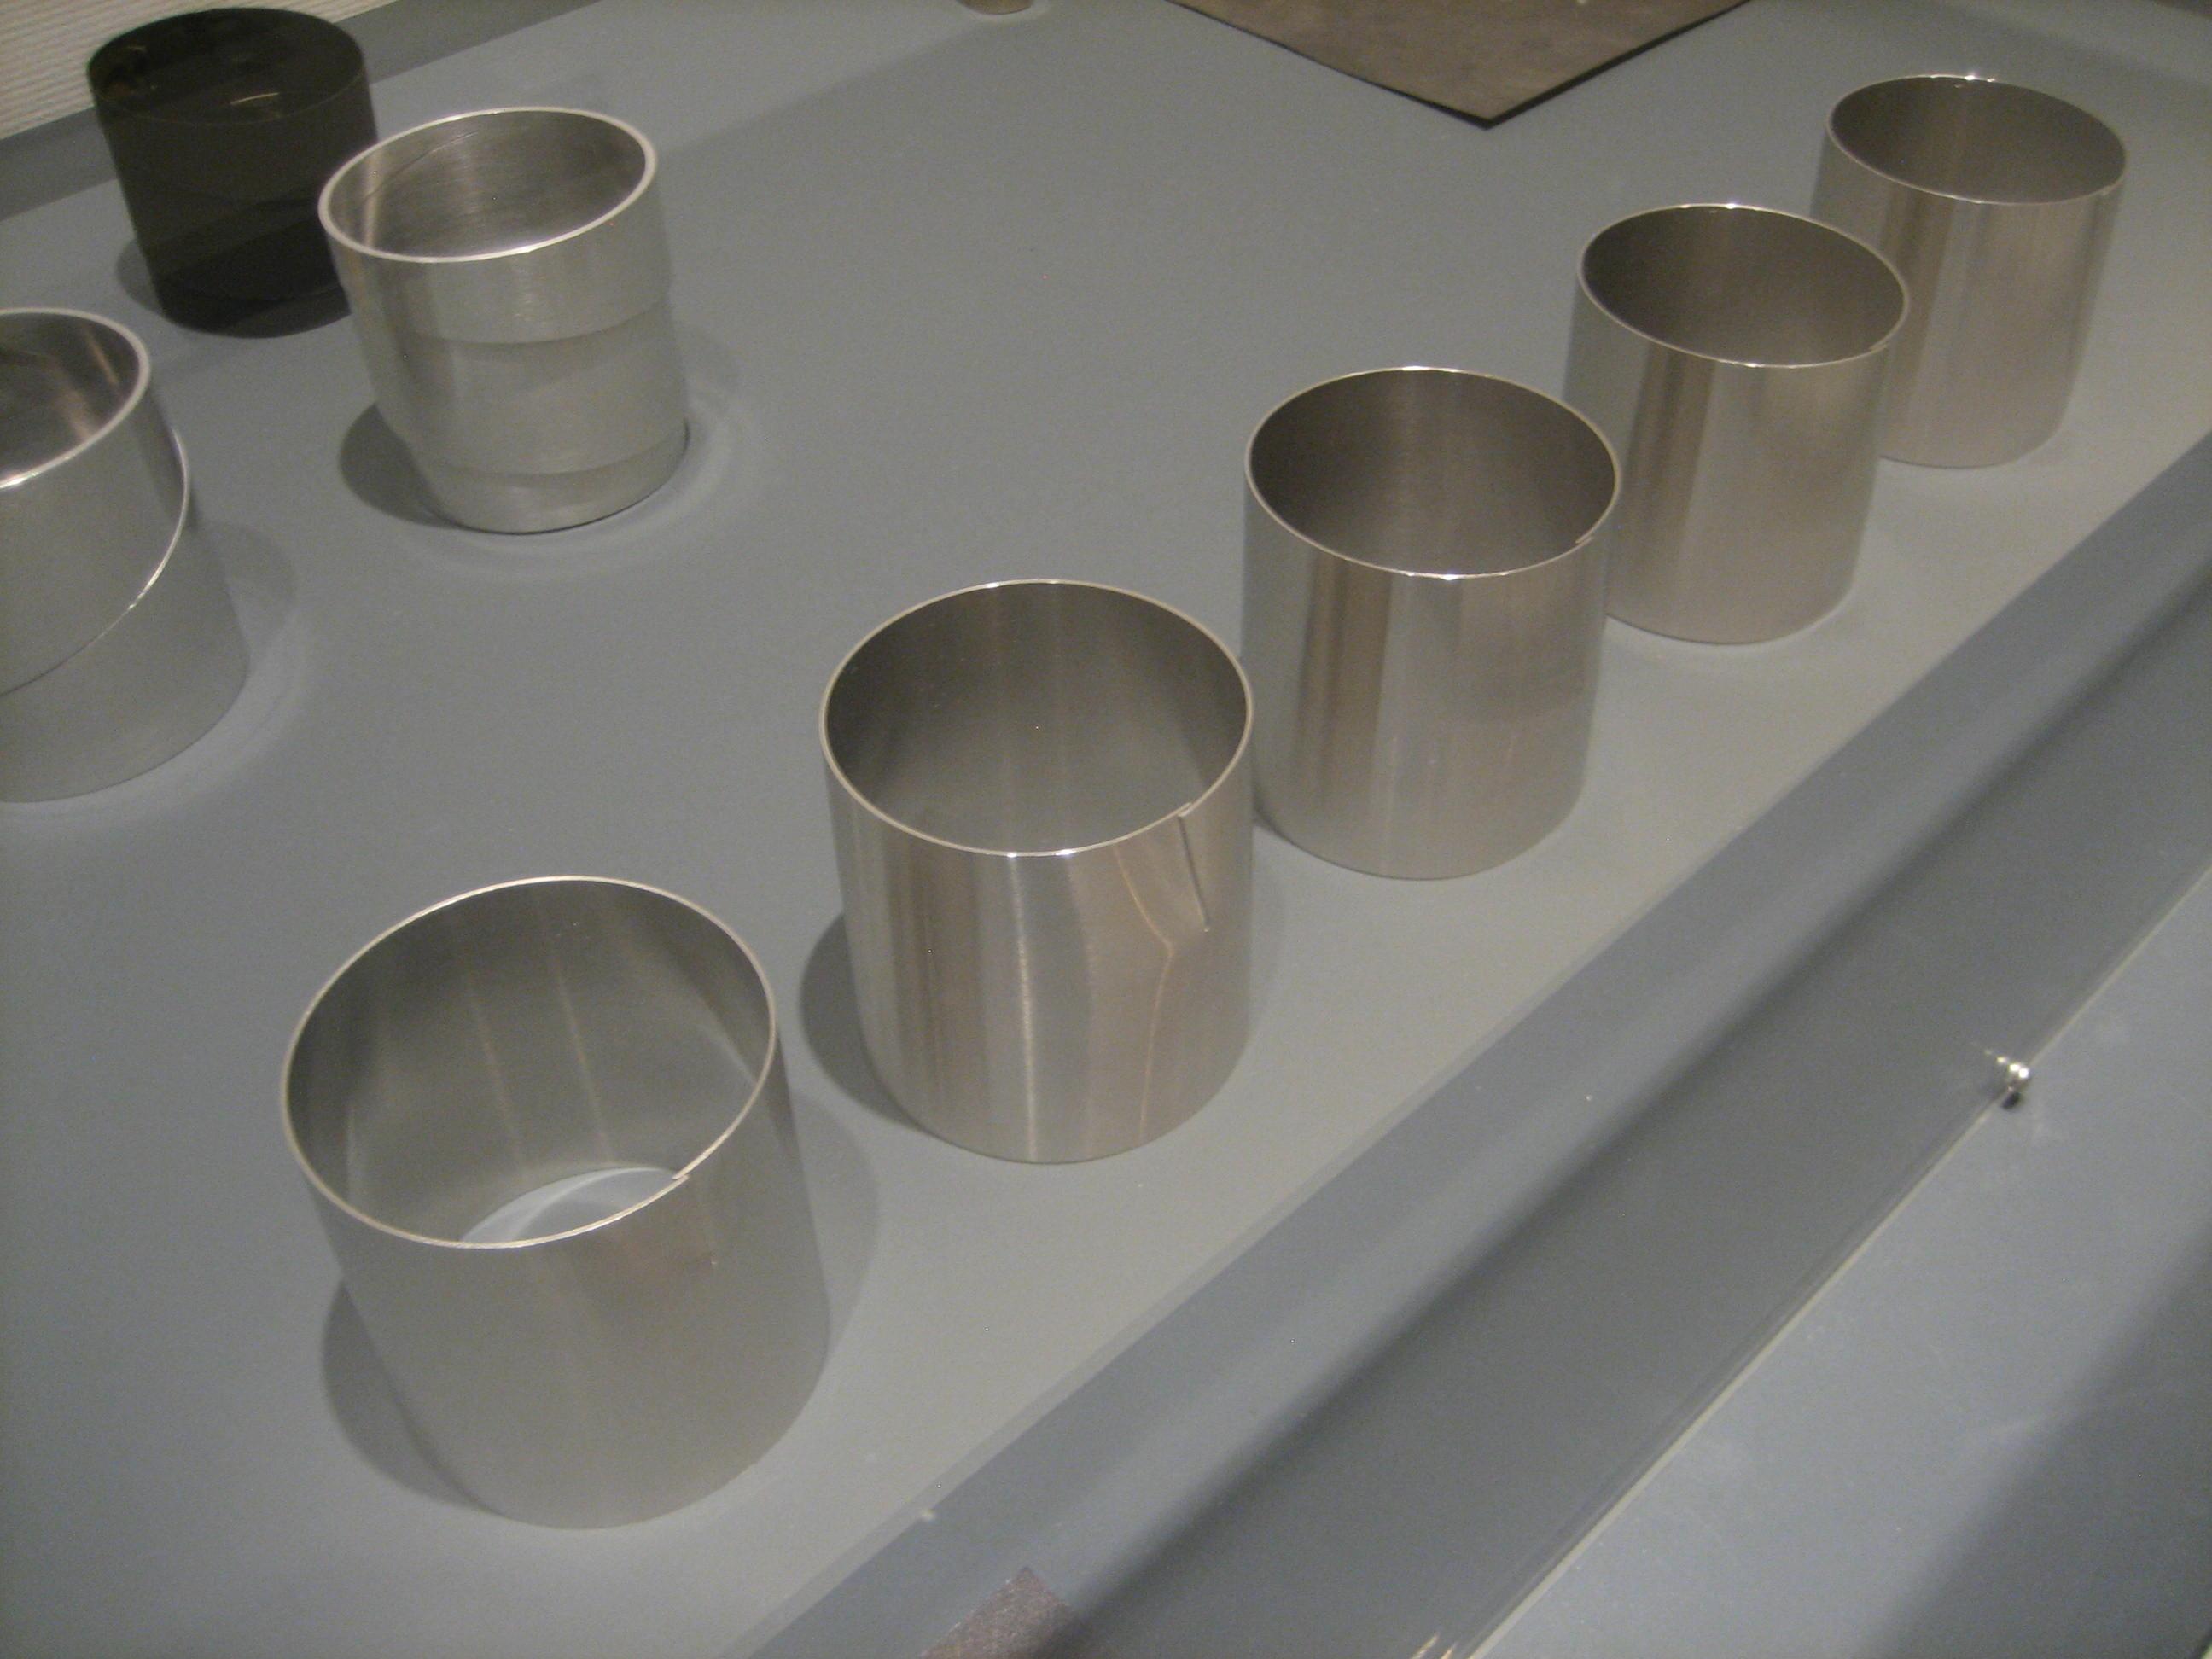 Emmy van Leersum, armbanden, 1974. Toen Emmy nu Gijs. Collectie Design Museum Den Bosch, tentoonstelling, vitrine, metaal